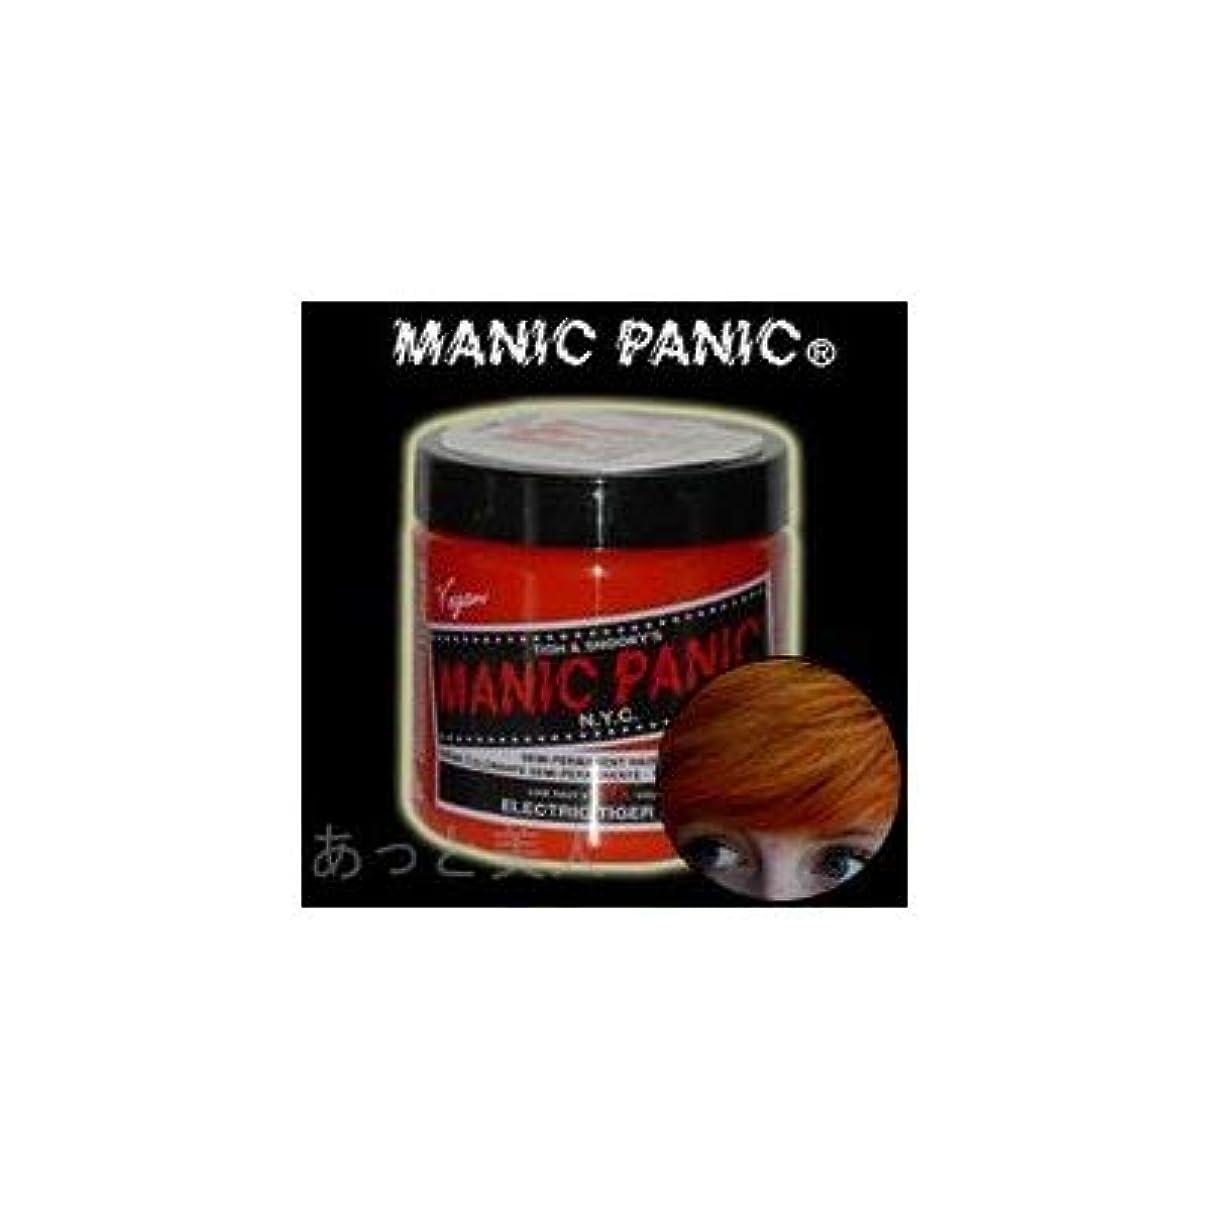 広告主許可するスカーフMANIC PANICマニックパニック エレクトリックタイガーリリー(Electric Tiger Lily)